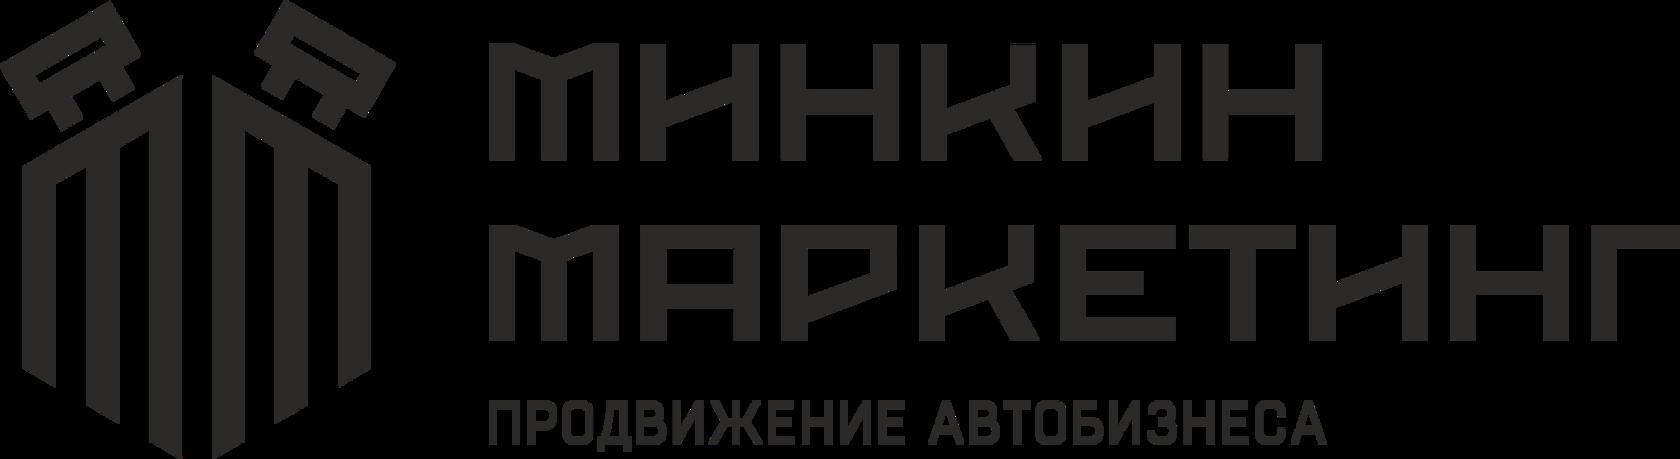 Минкин Маркетинг